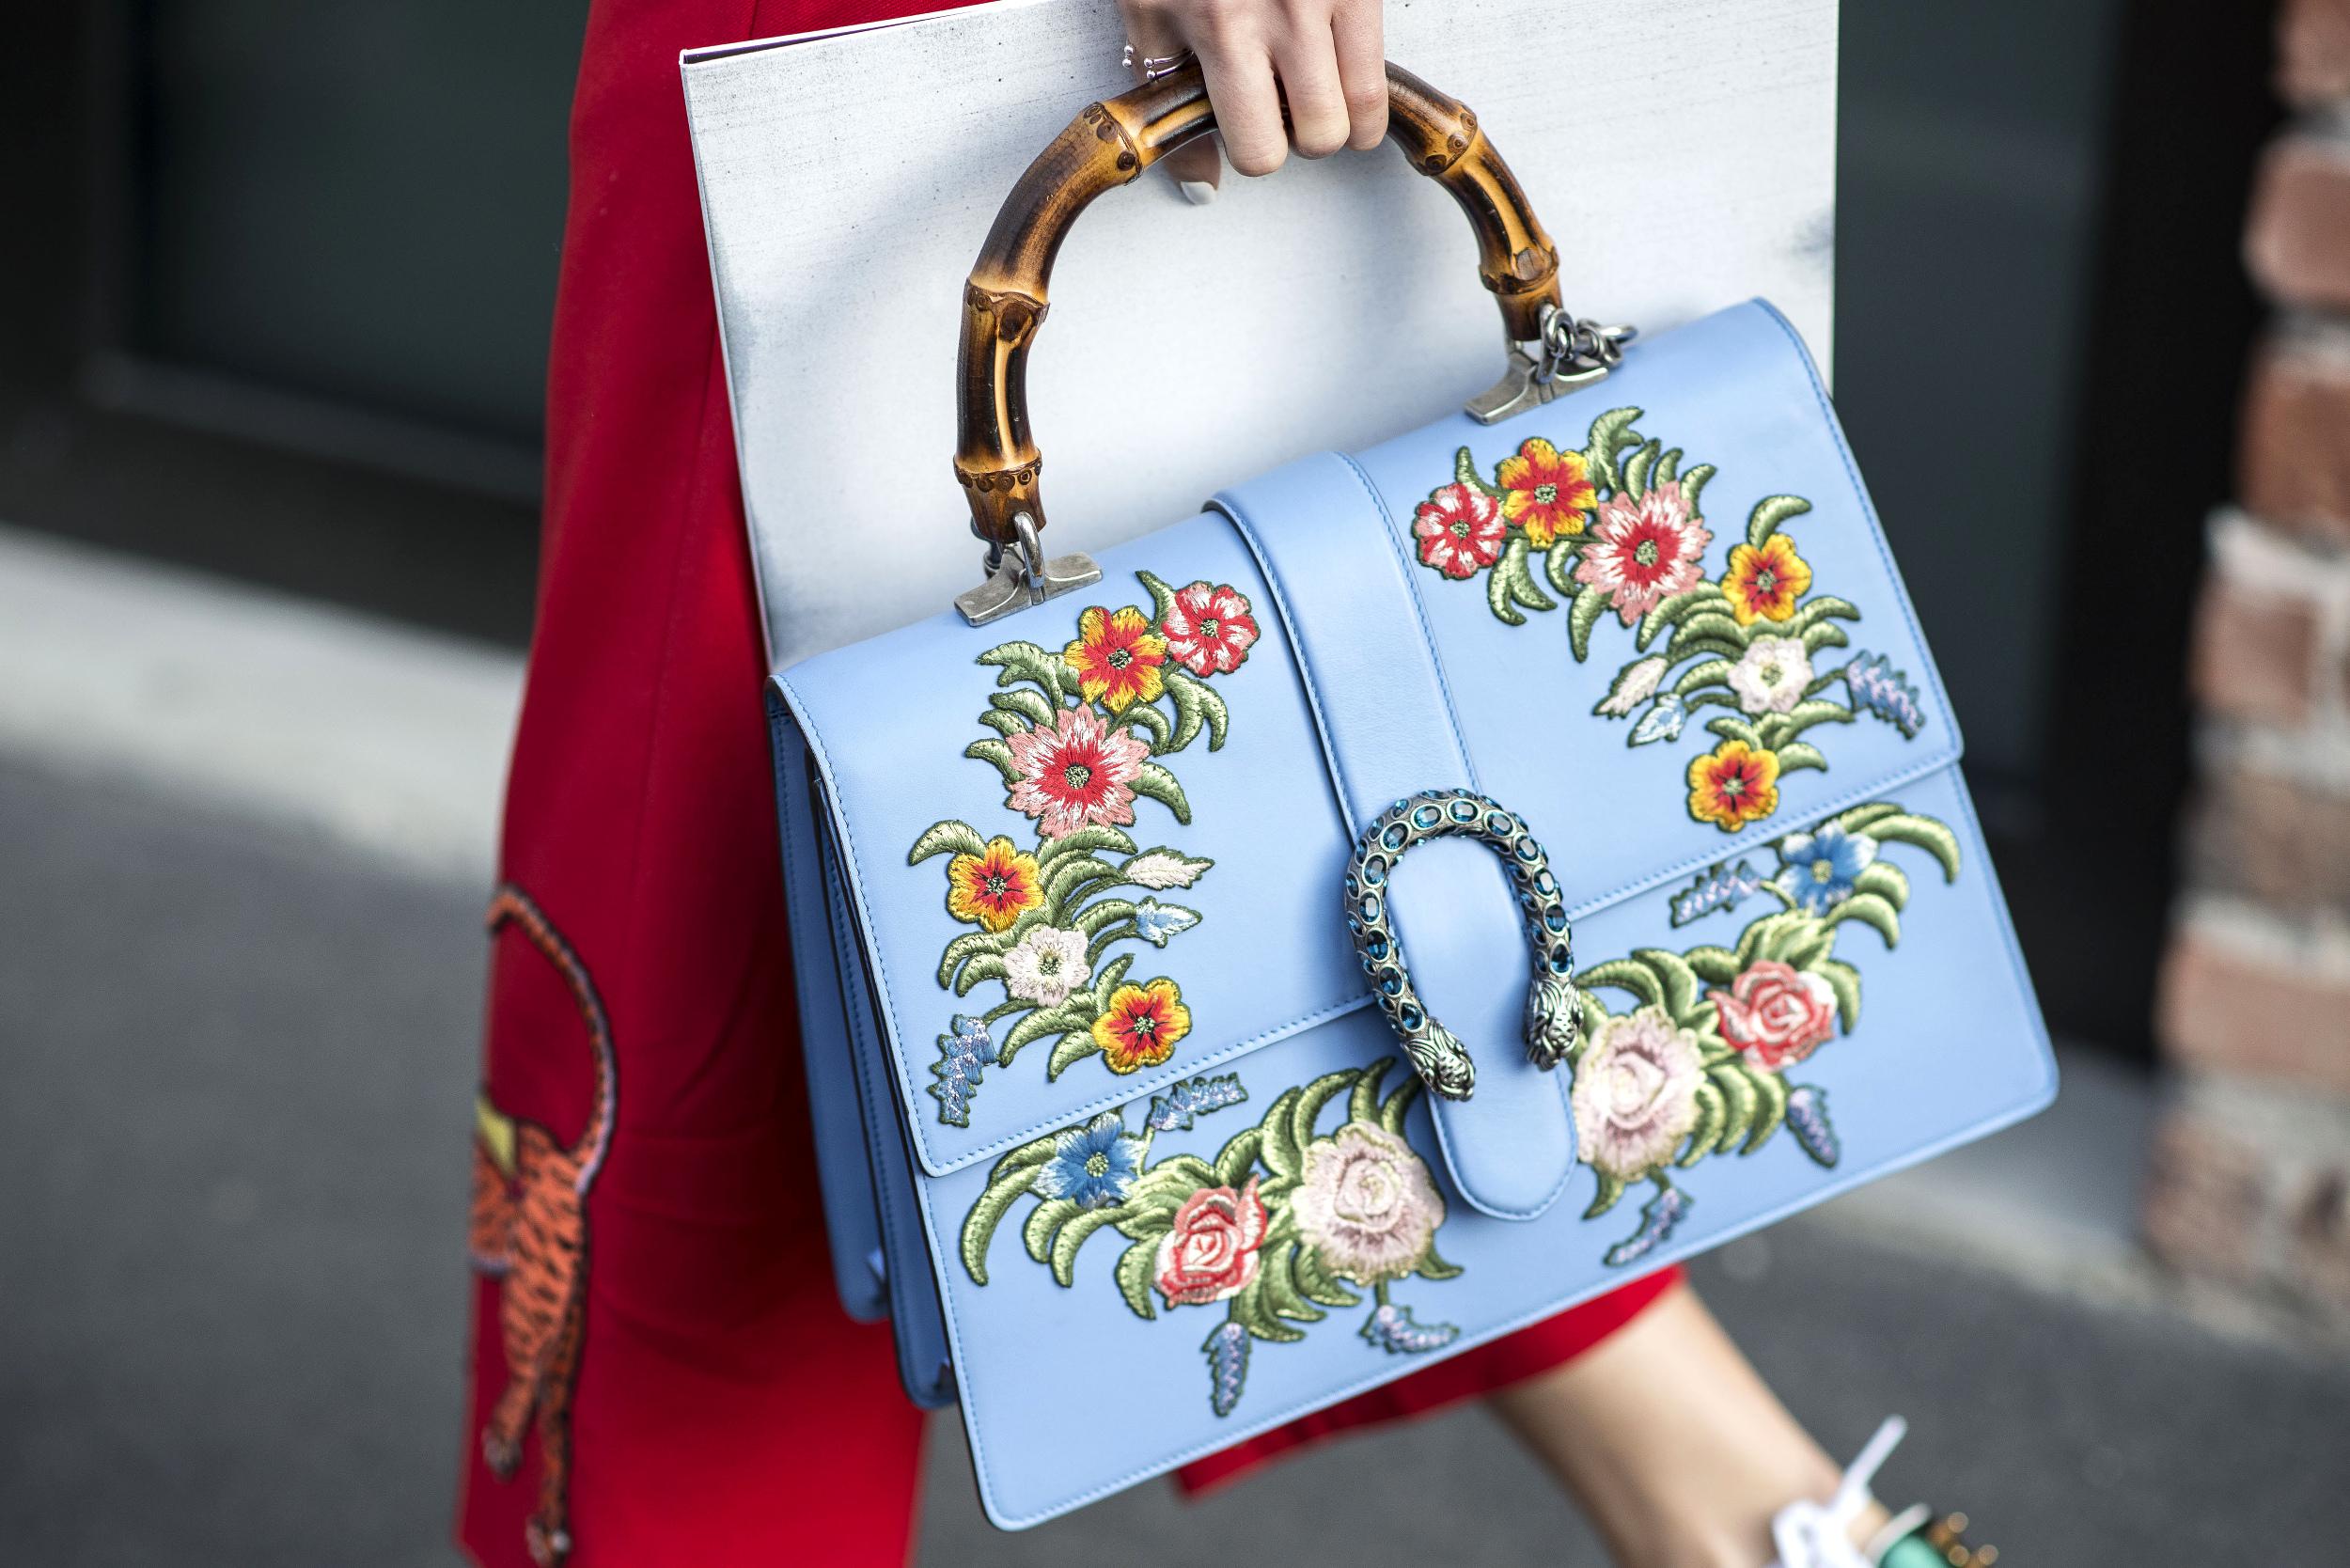 Milan Fashion Week: Tasche von Gucci im Street Style (ddp images)